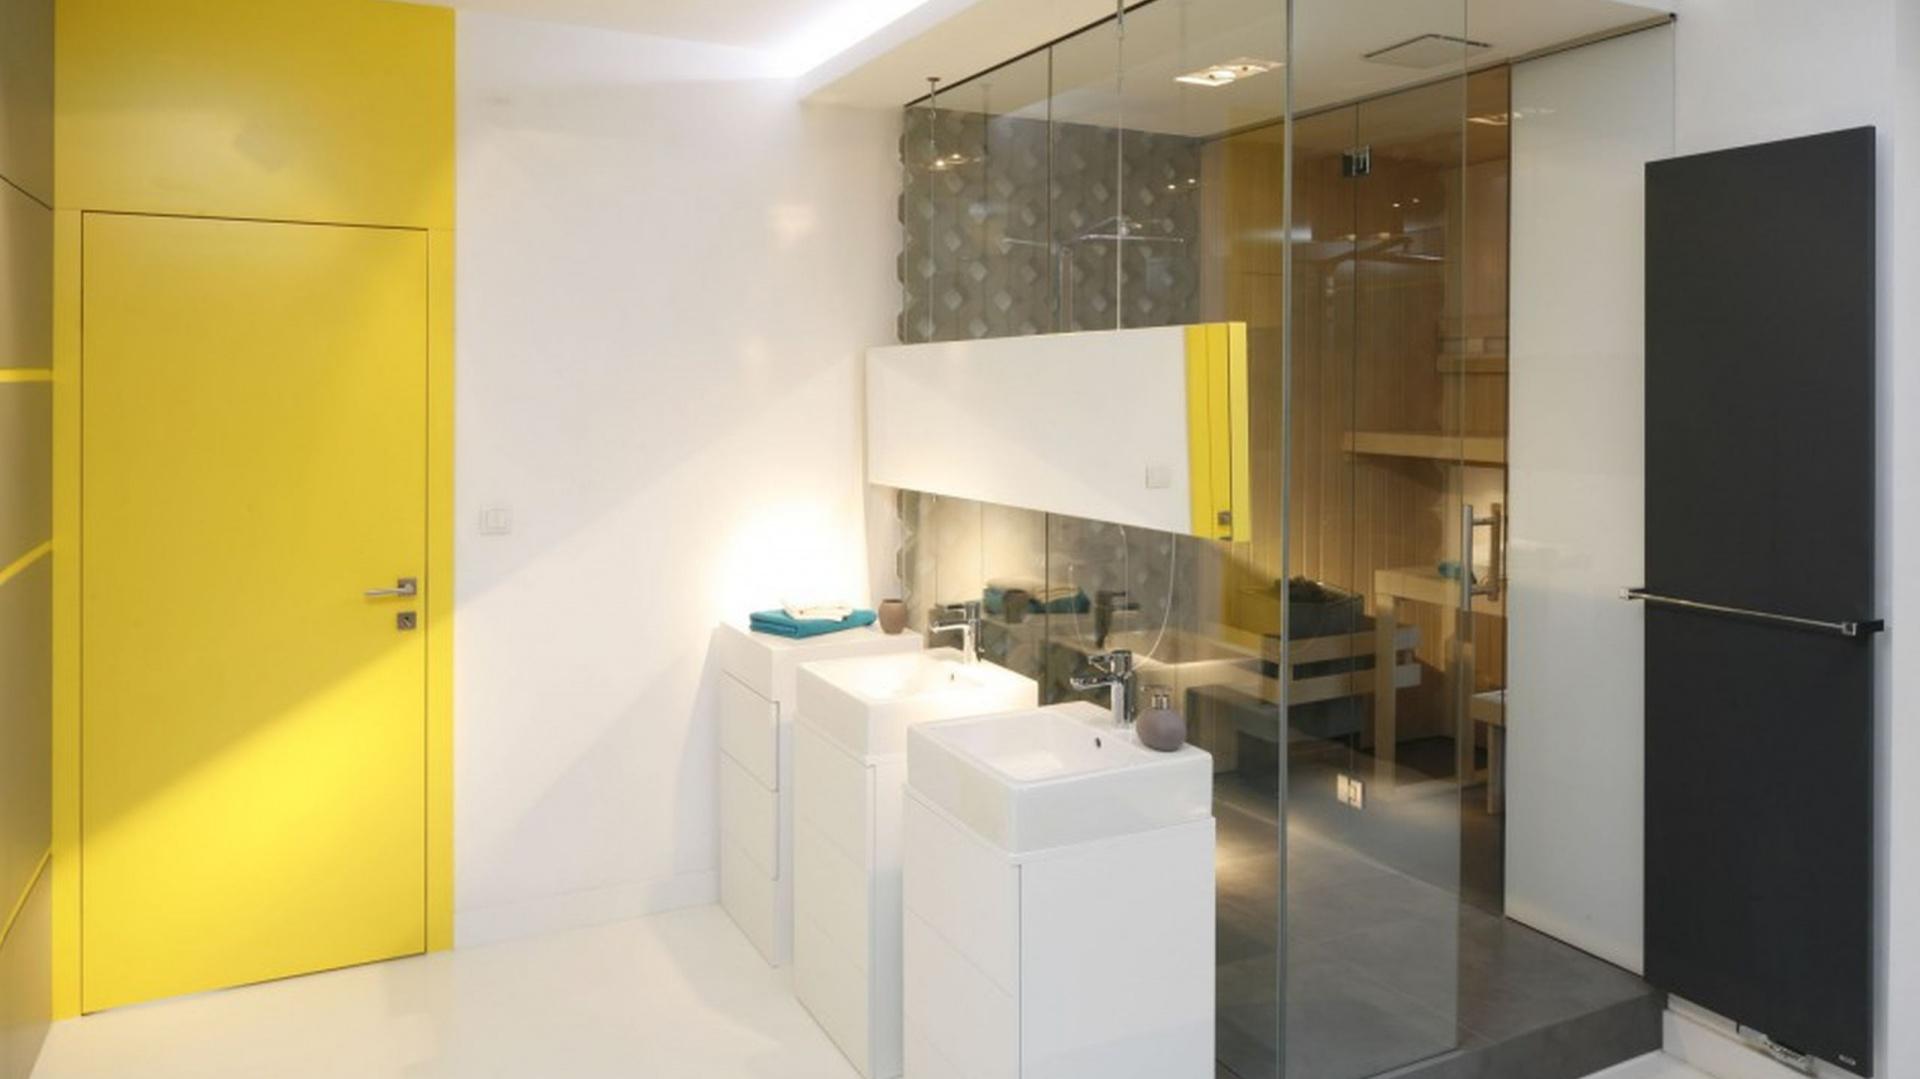 Strefa prysznica w tej loftowej aranżacji znajduje się tuż za szklaną ścianą. Projekt: Monika i Adam Bronikowscy. Fot. Bartosz Jarosz.